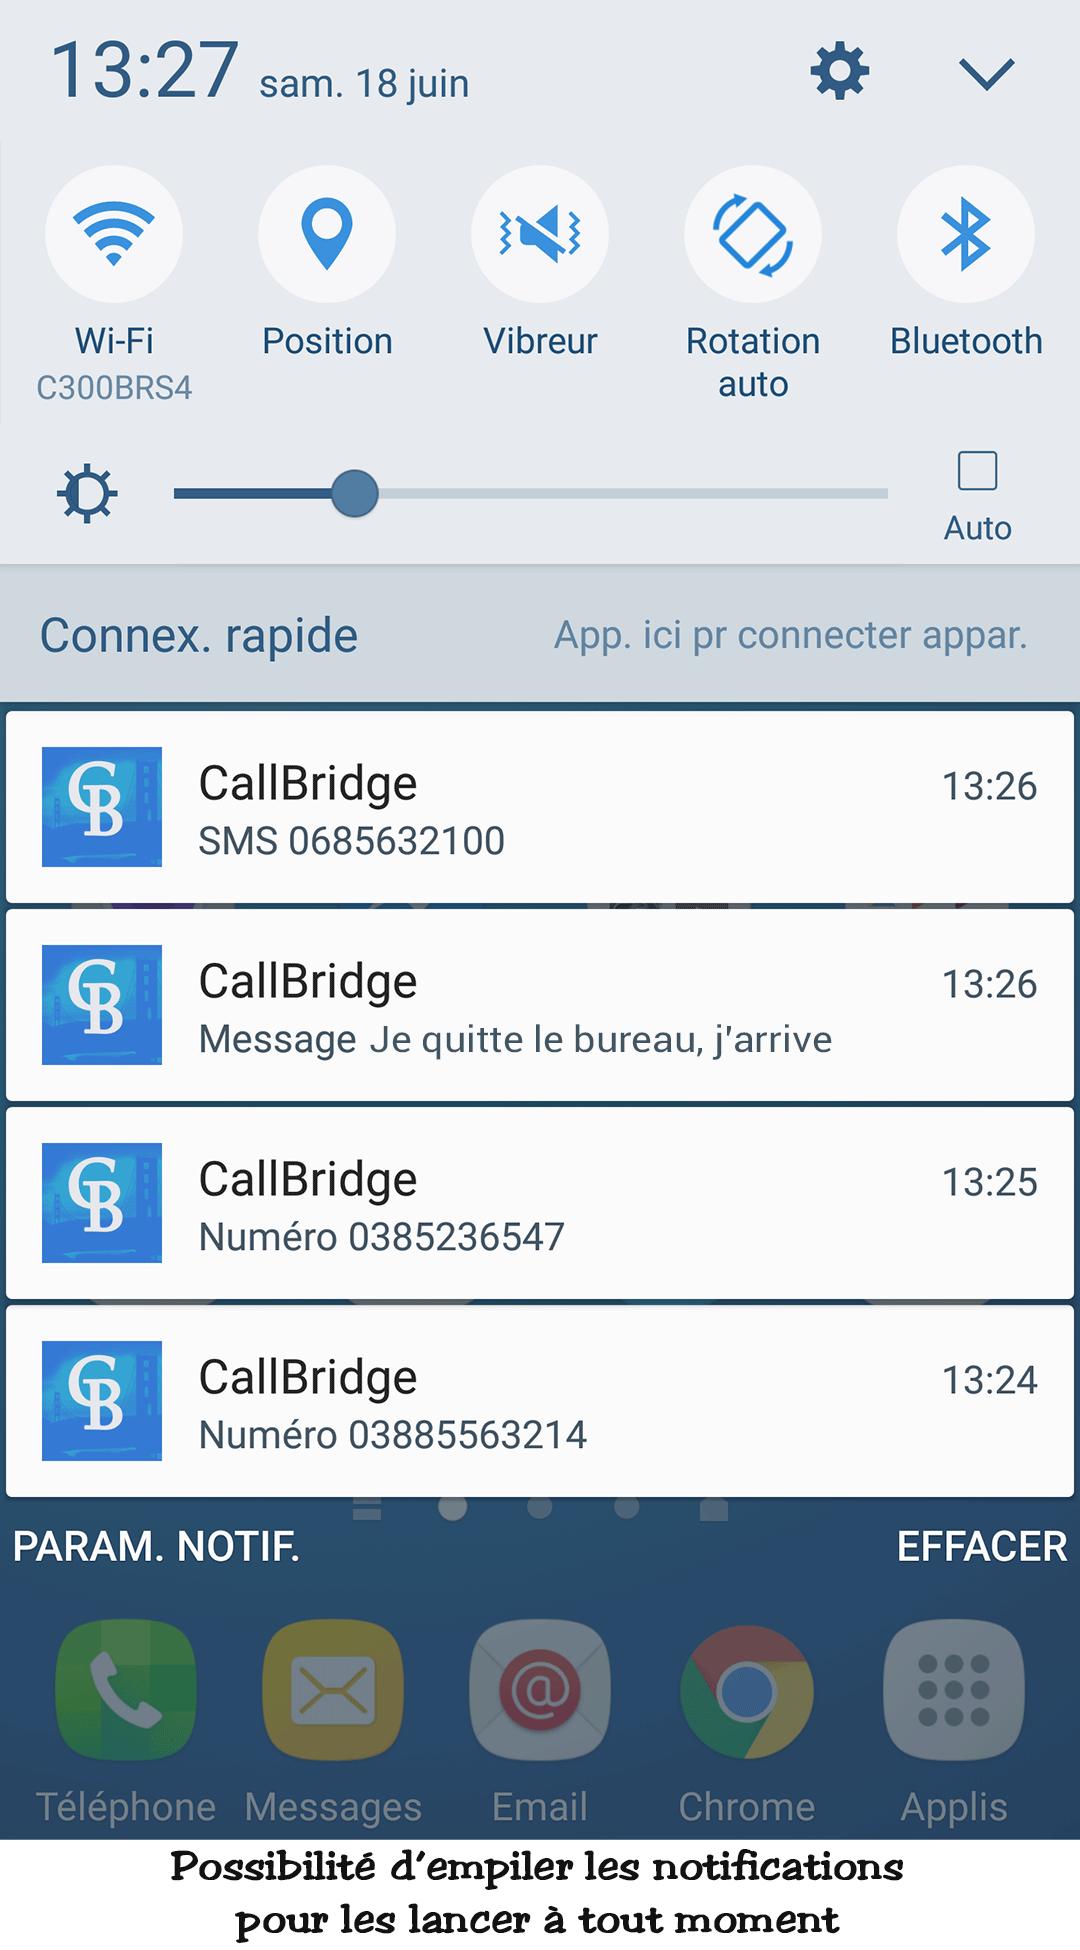 VOus lancez les appels/SMS immédiatement, ou les mettez dans la liste de notifications pour plus tard